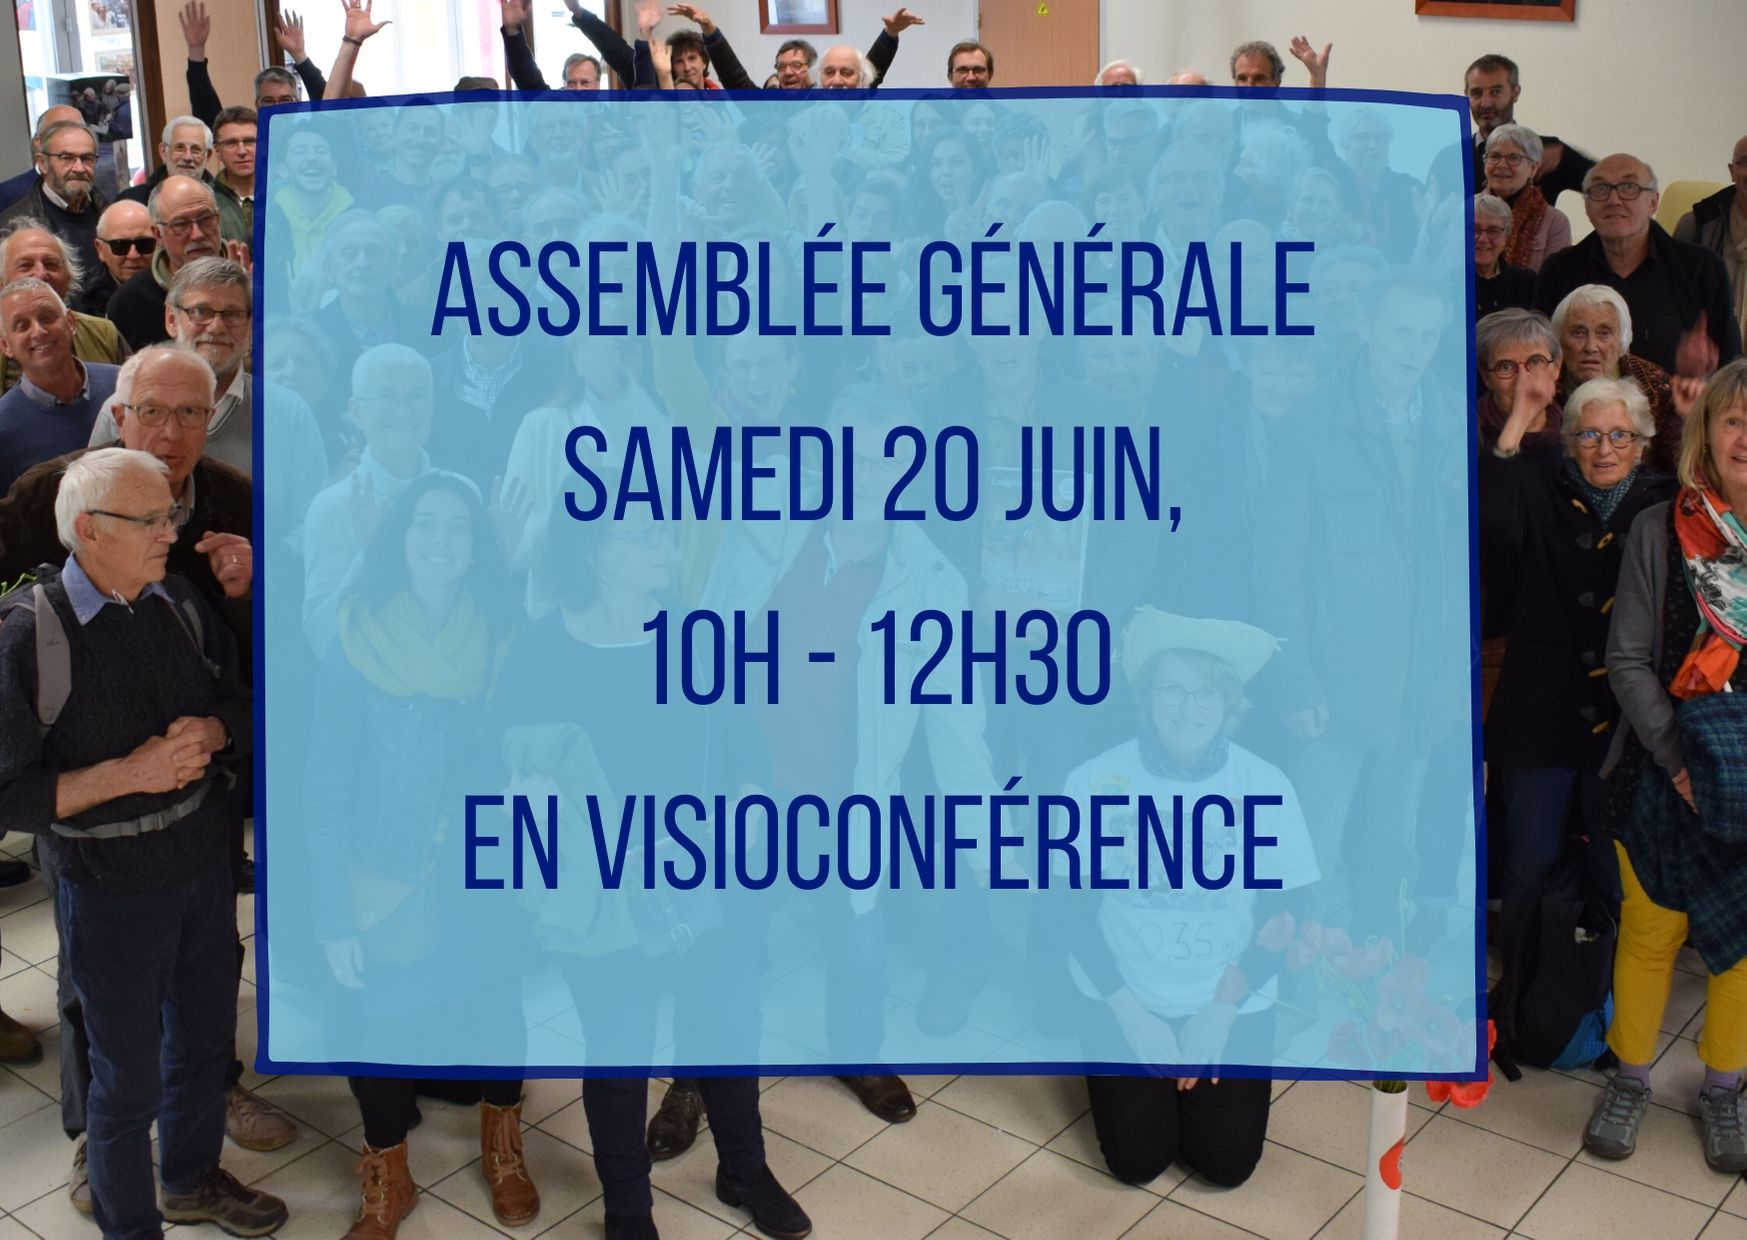 Adhérents, participez à l'assemblée générale